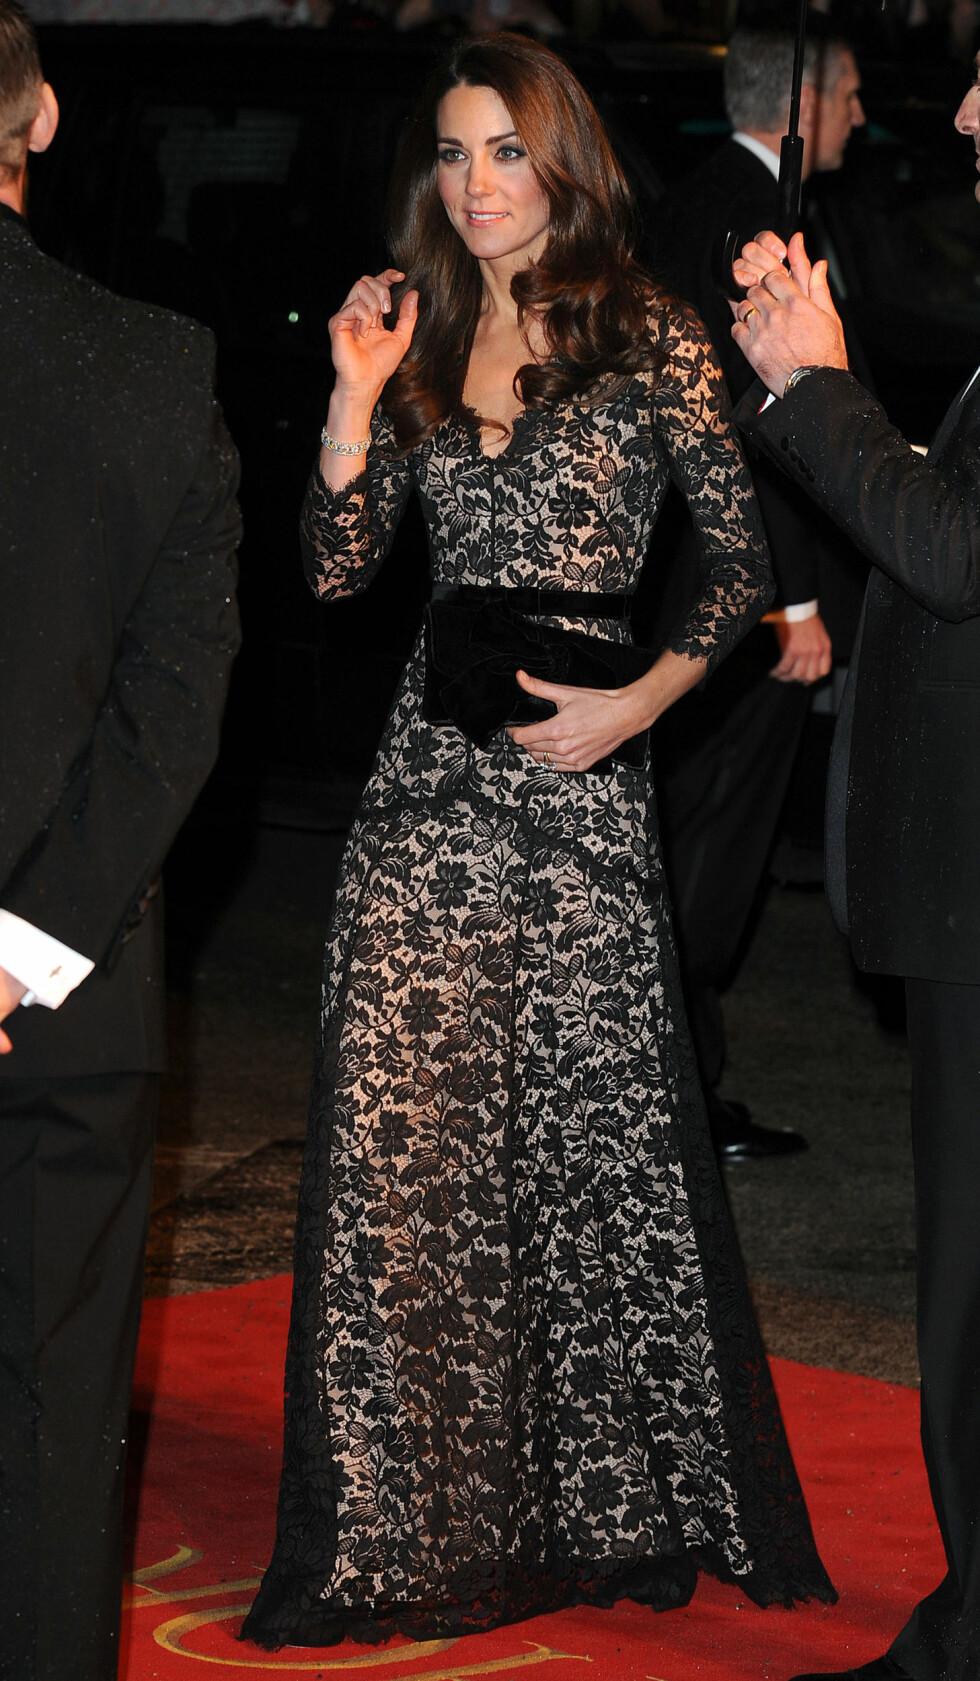 KUNSTEN Å BALANSERE EN KLØFT: Kjolen Kate Middleton har på seg her, er både sexy og tekkelig på en gang.   Foto: James Whatling / Splash News/ Al